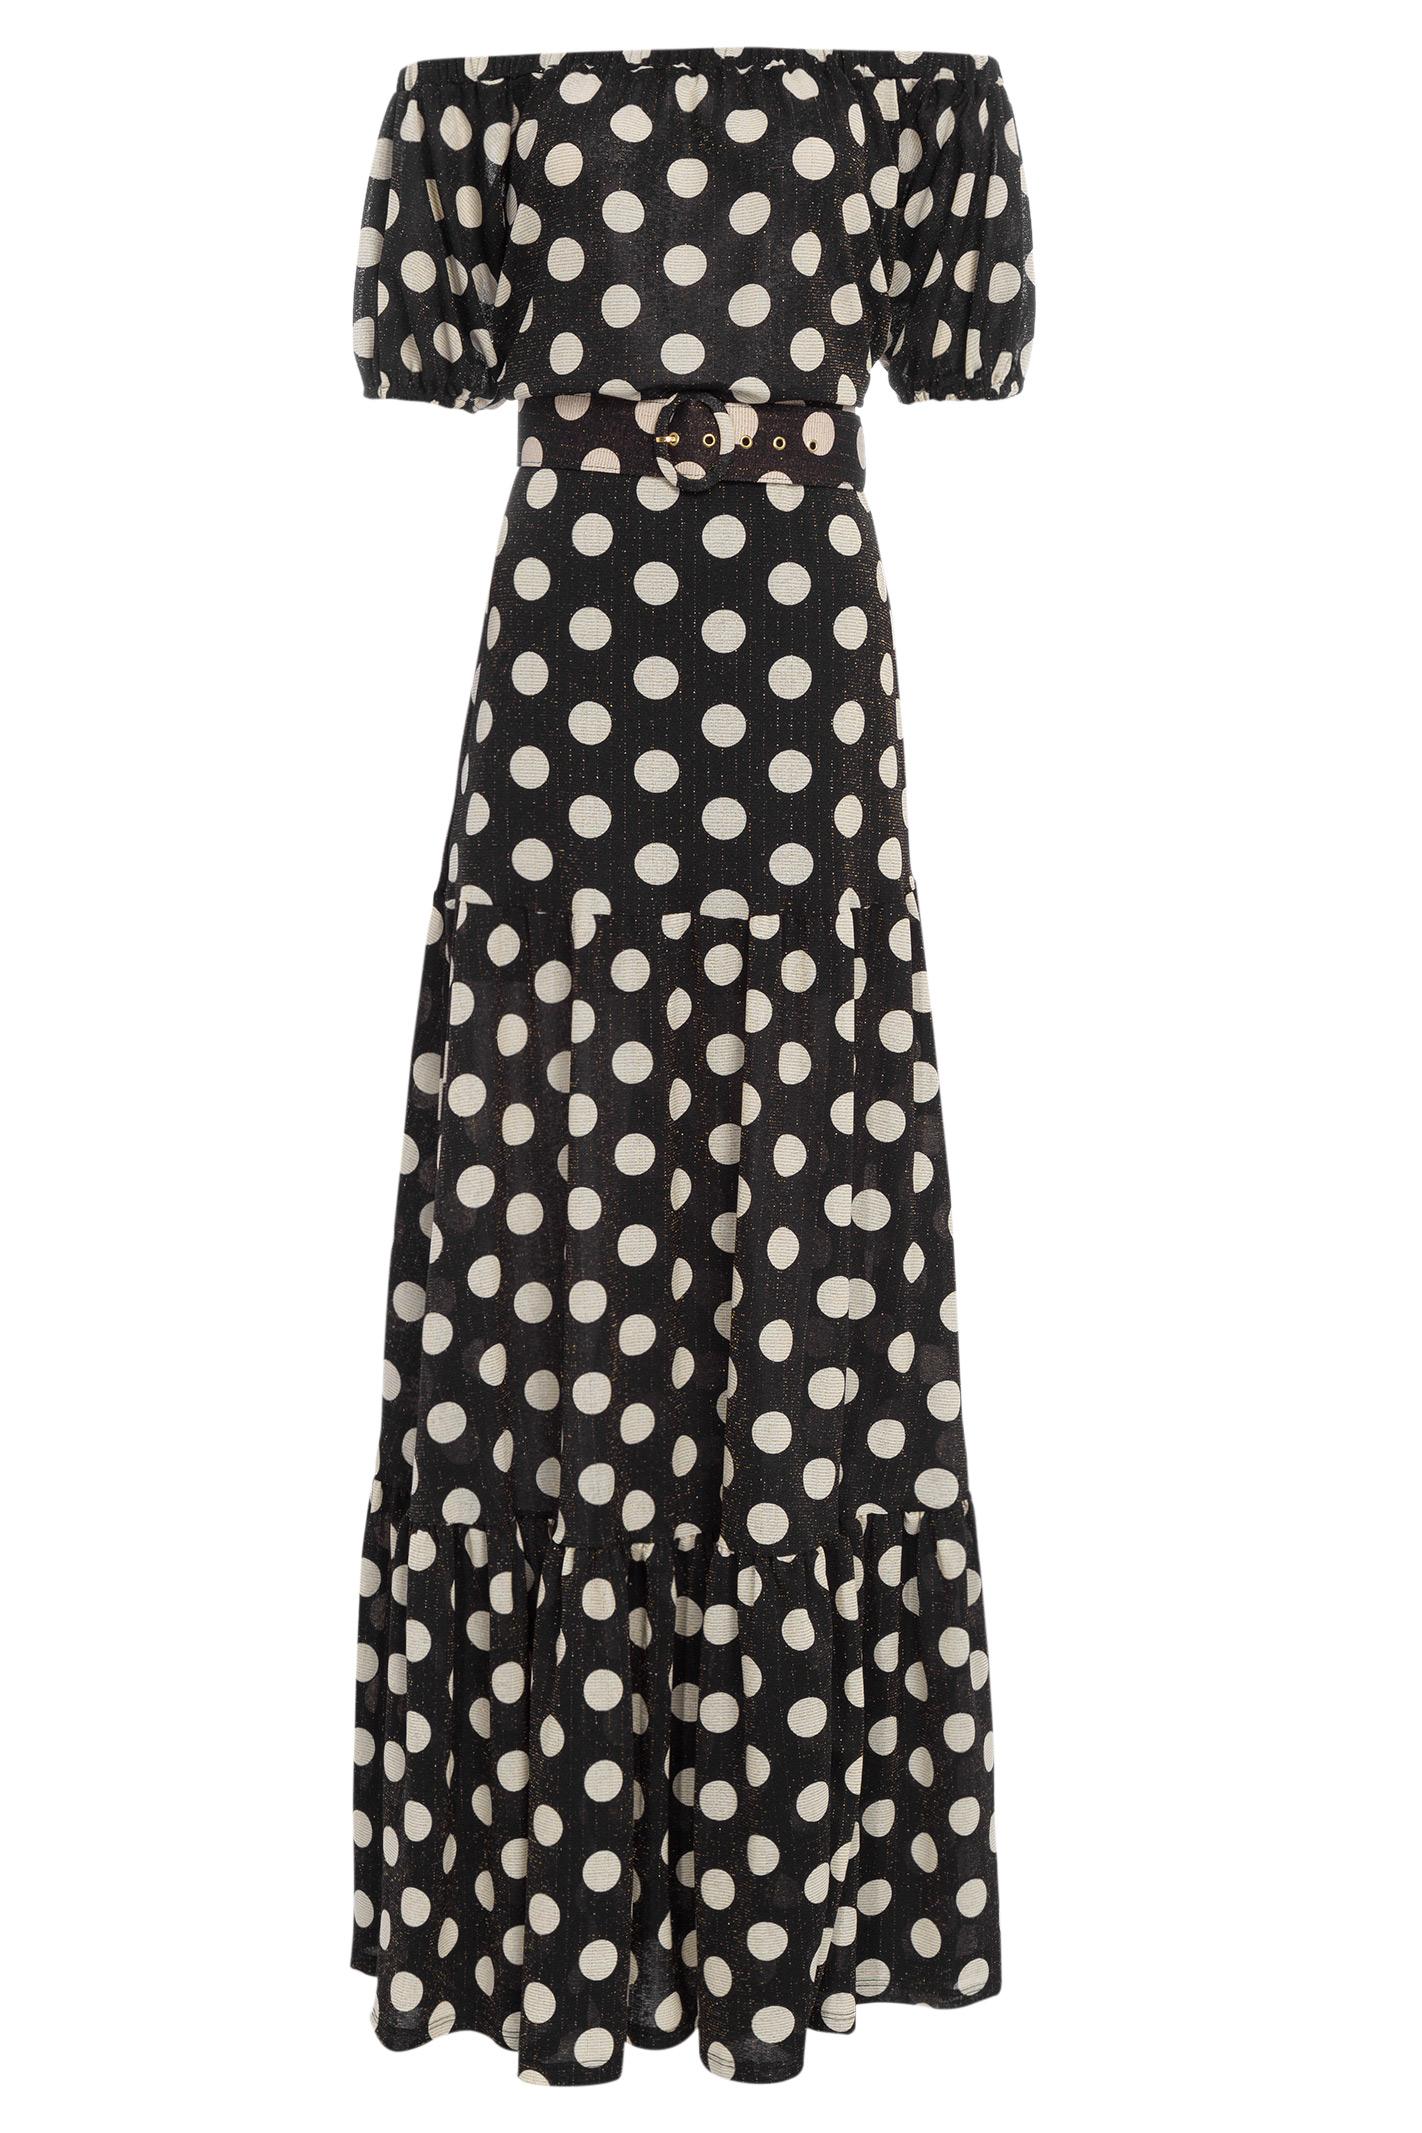 Vestido Longo Polka Dots